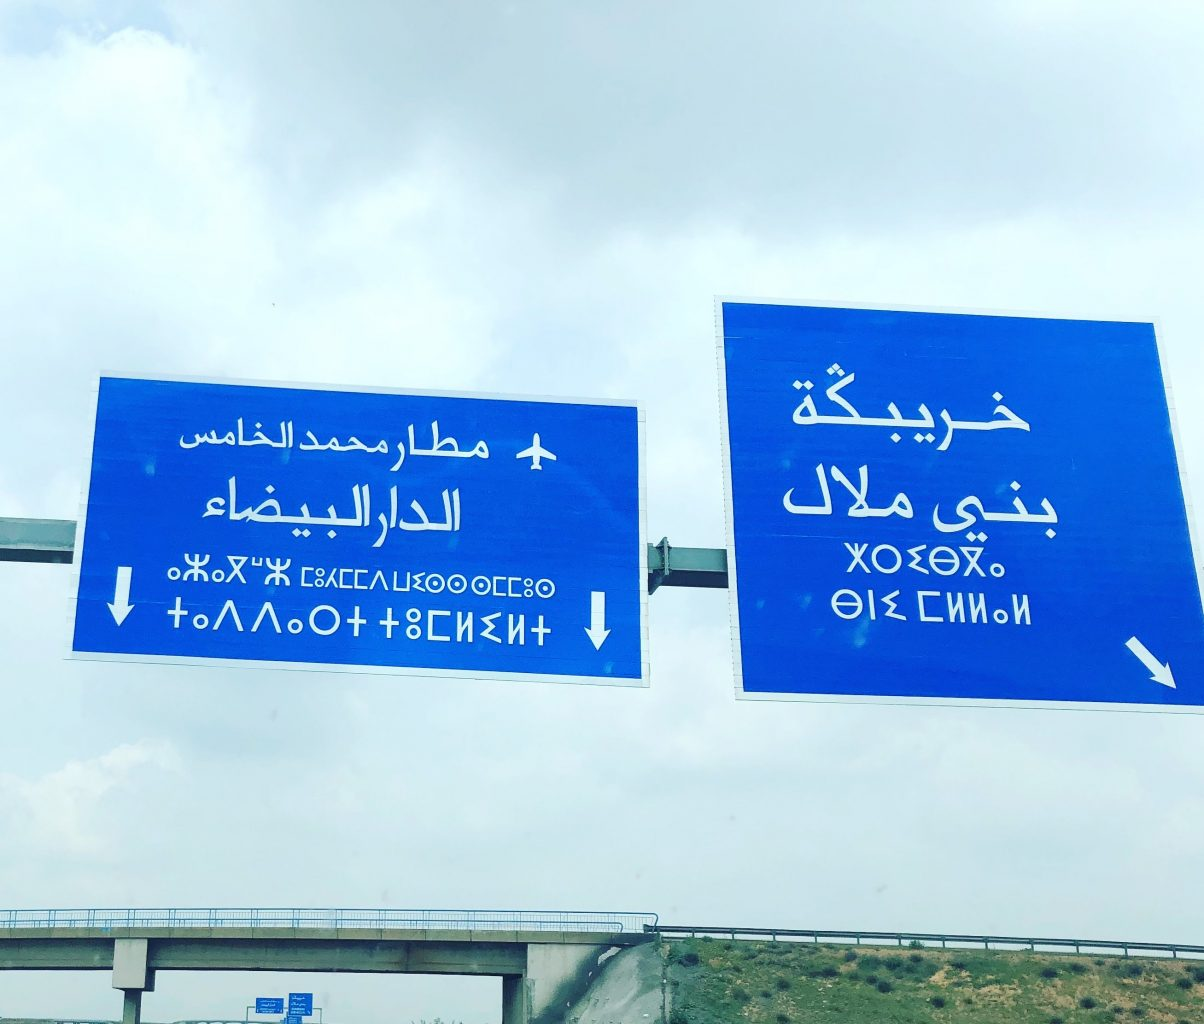 モロッコの言語